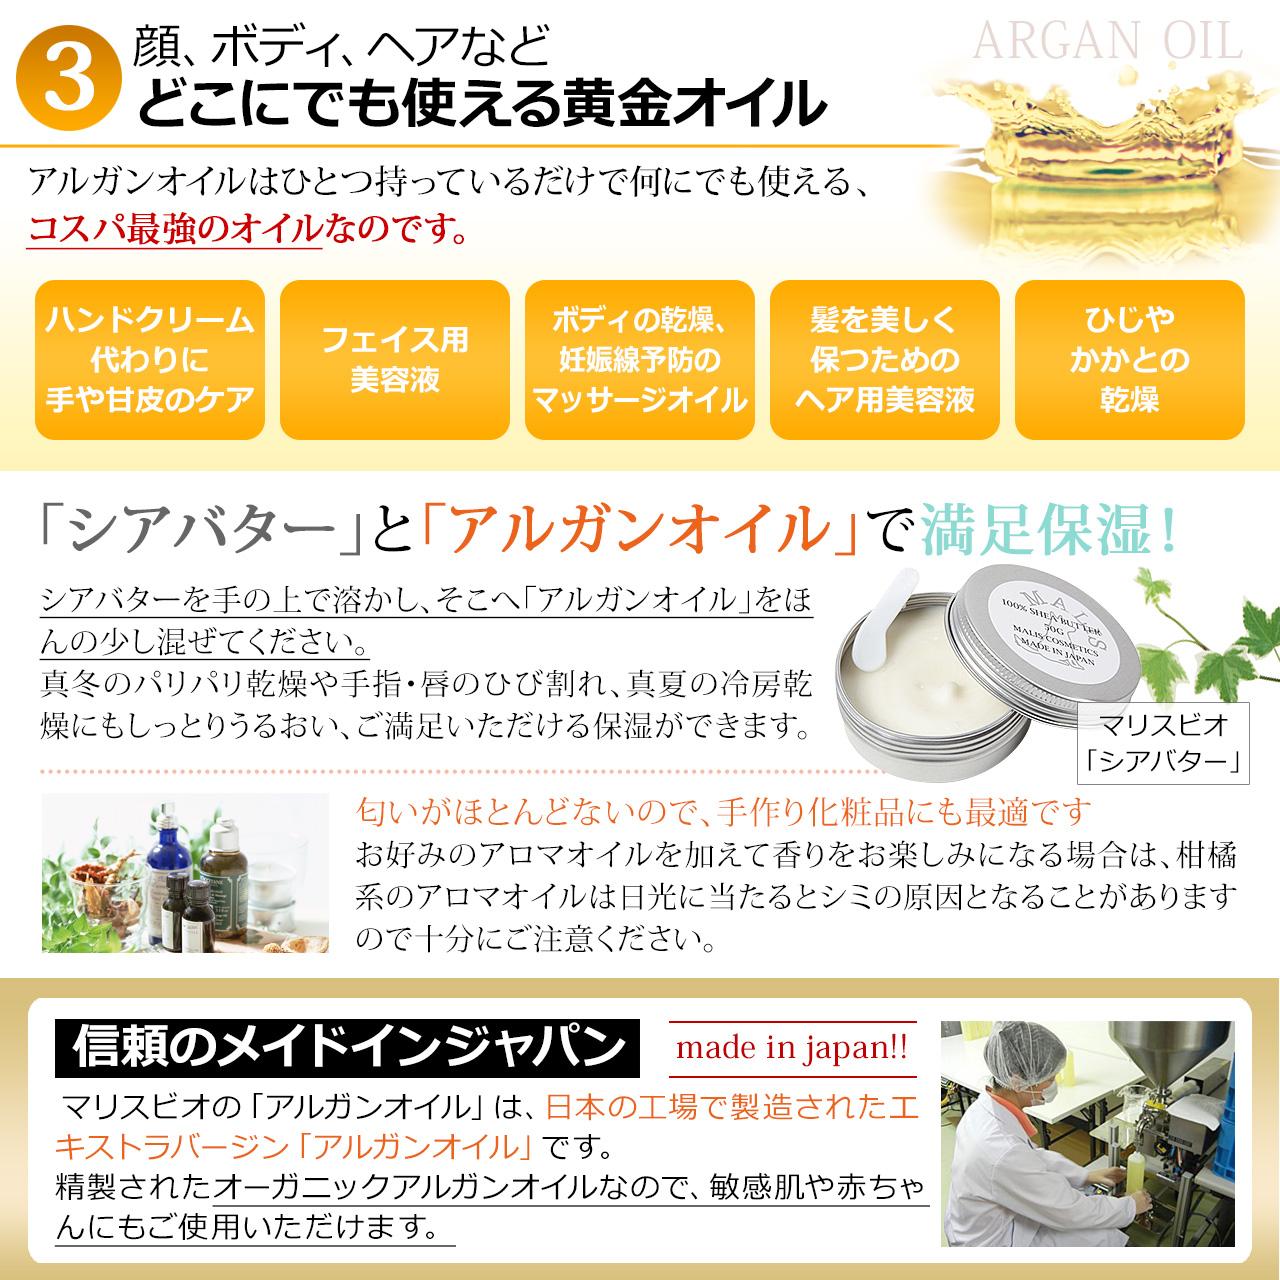 アルガンオイル オーガニック 低温圧搾法30g【日本製/精製】